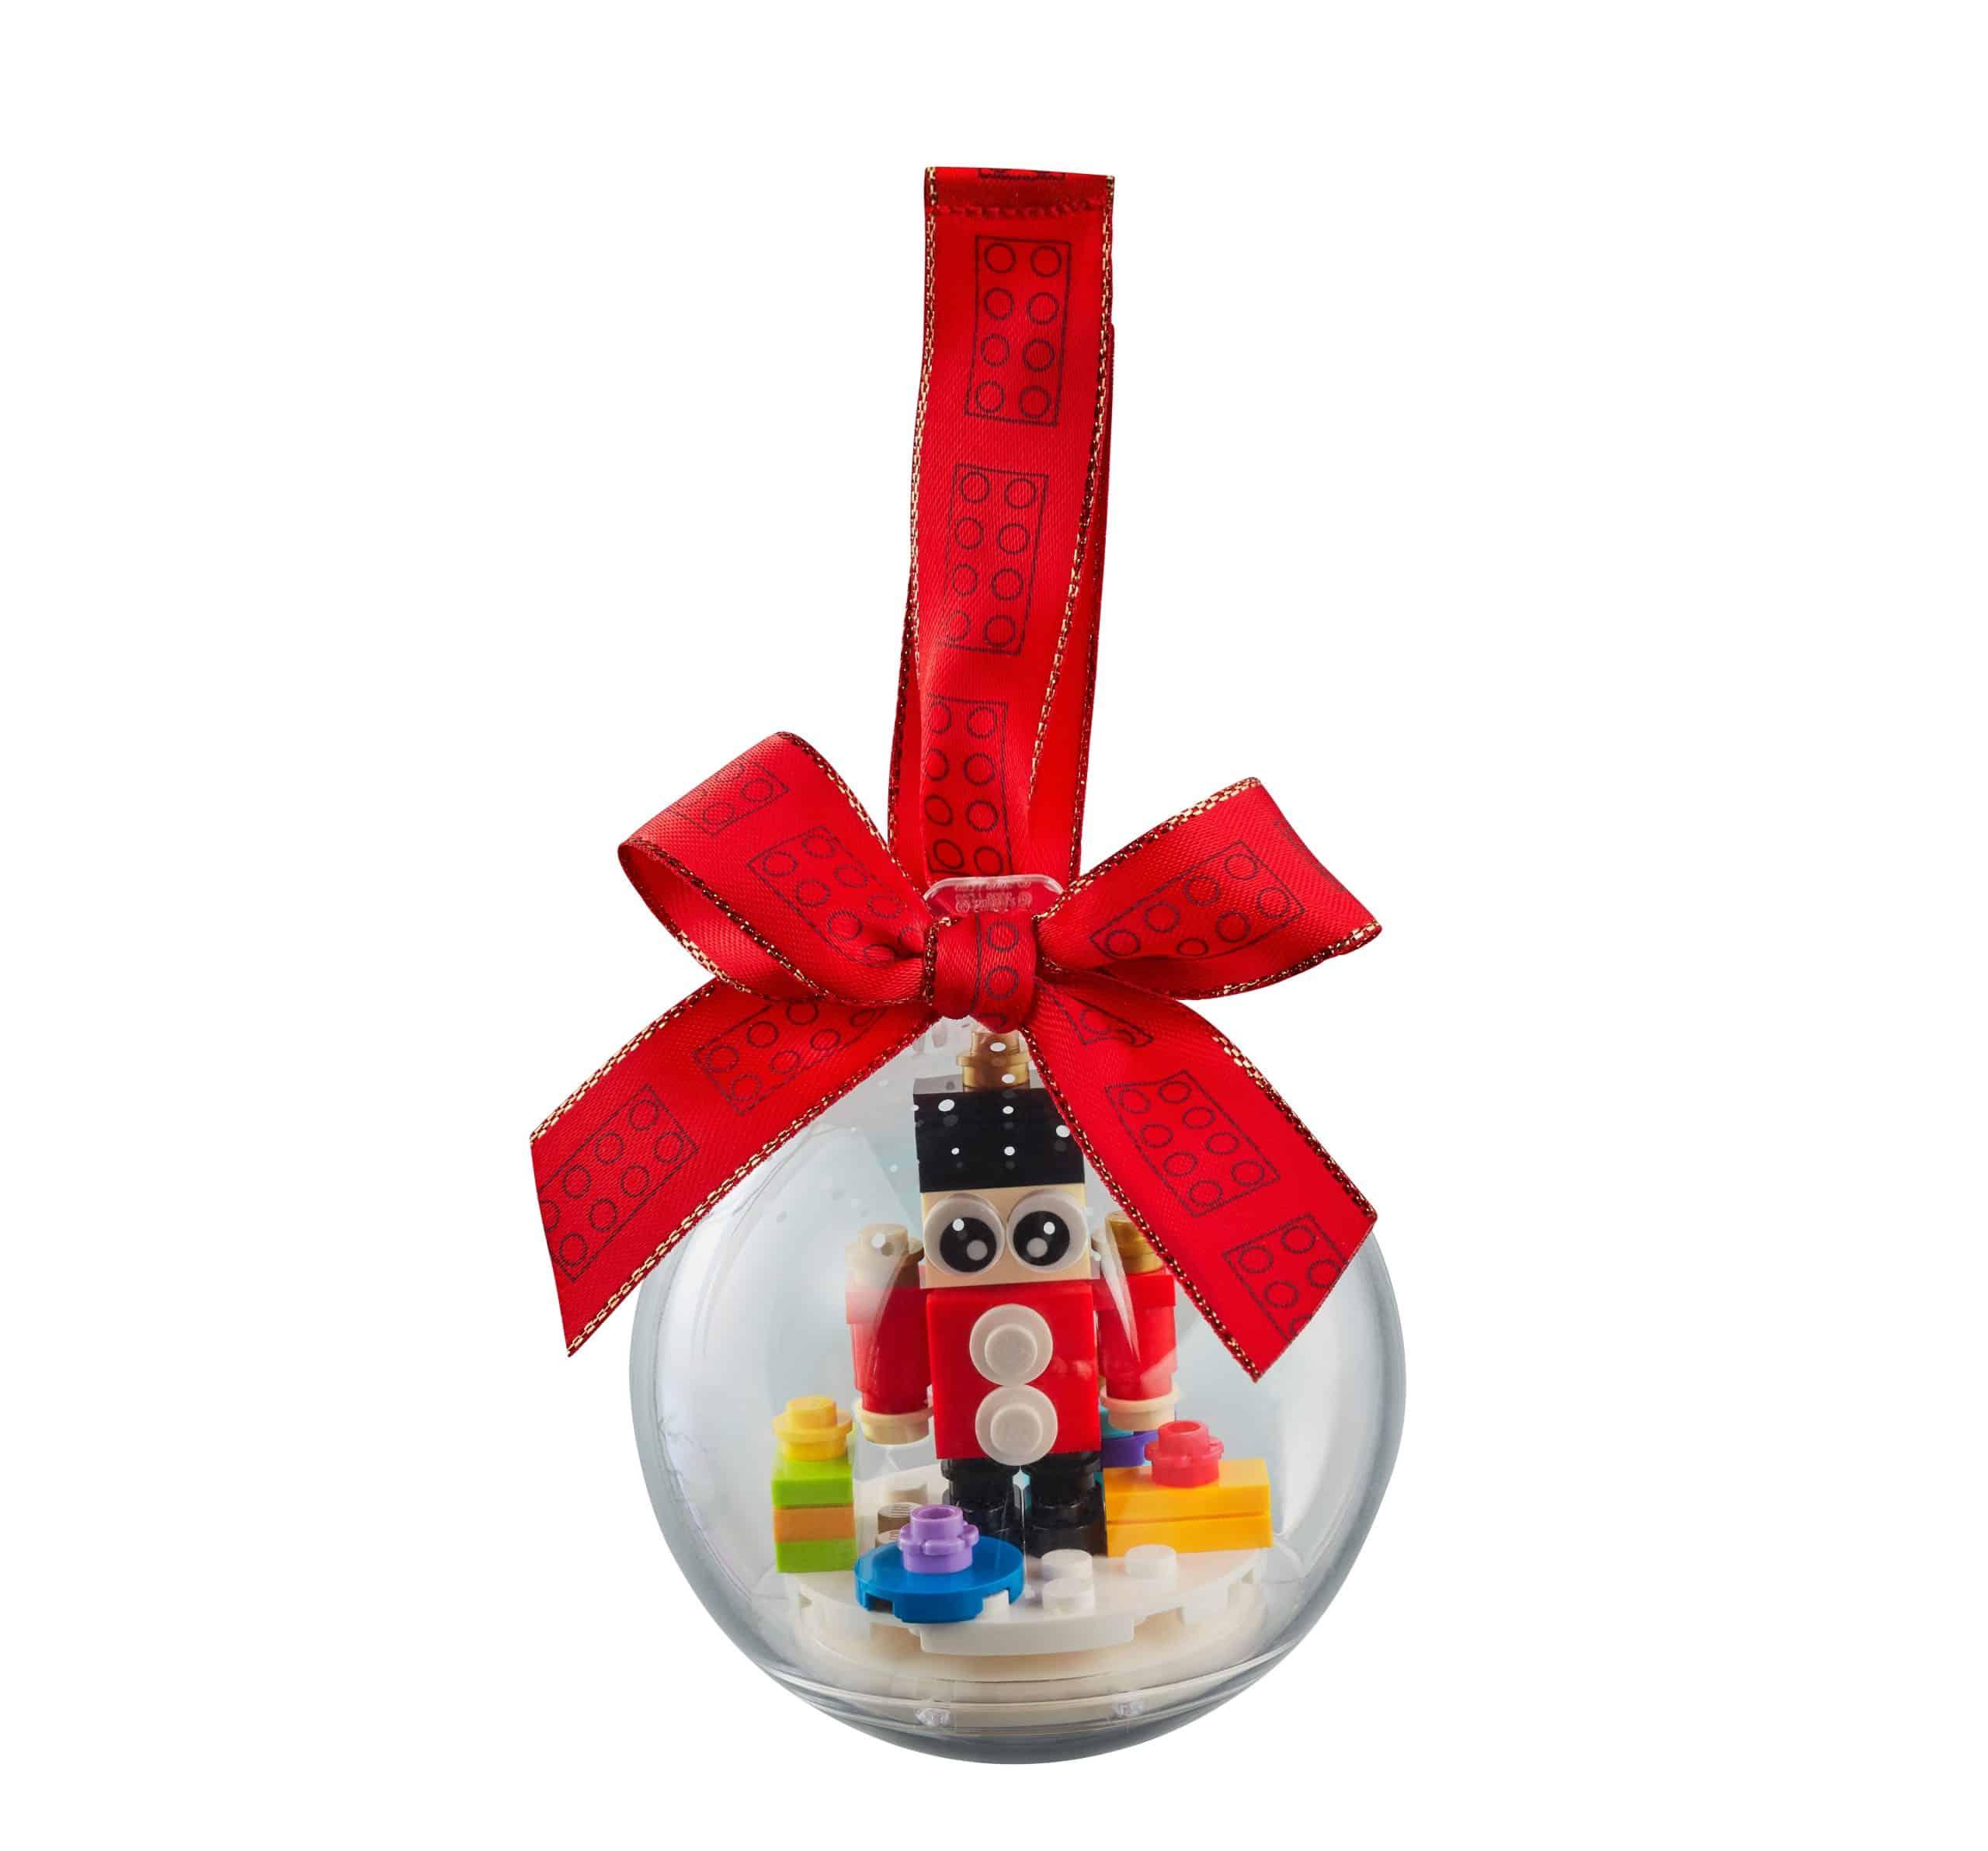 lego kerstversiering met speelgoedsoldaat 853907 scaled